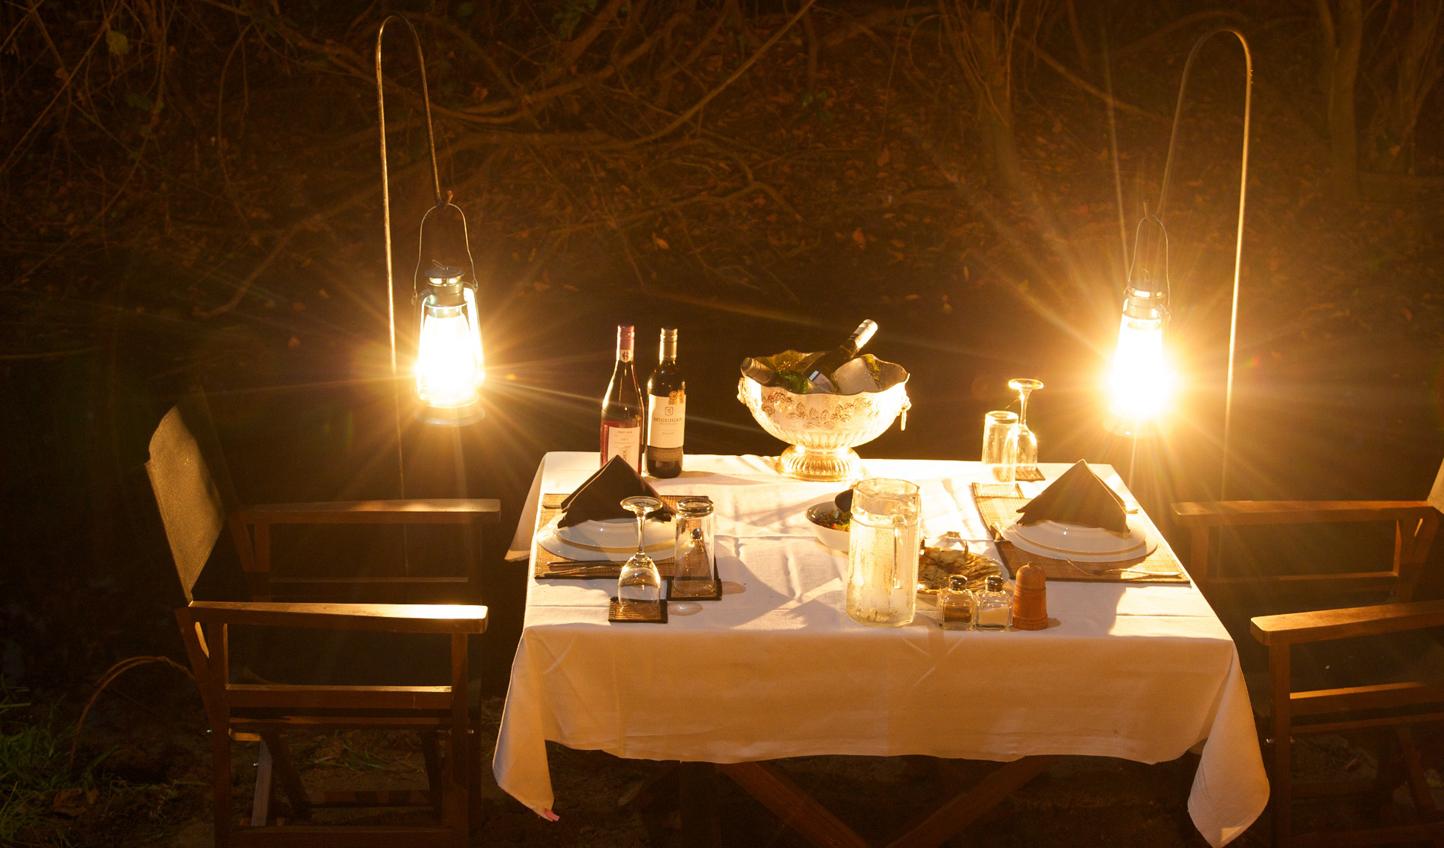 A romantic spot for dinner